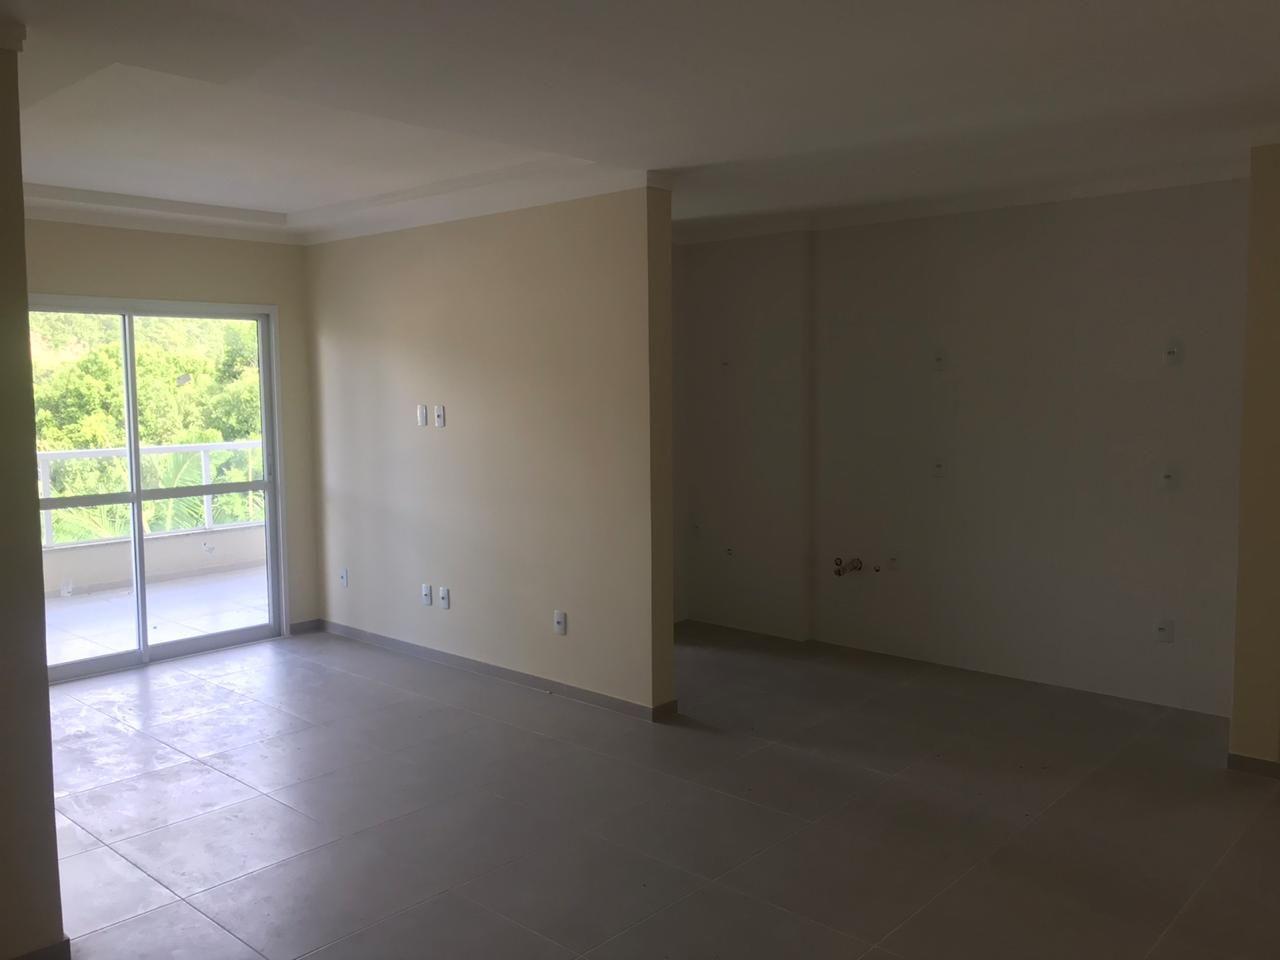 Cobertura com 2 Dormitórios à venda, 106 m² por R$ 614.340,00